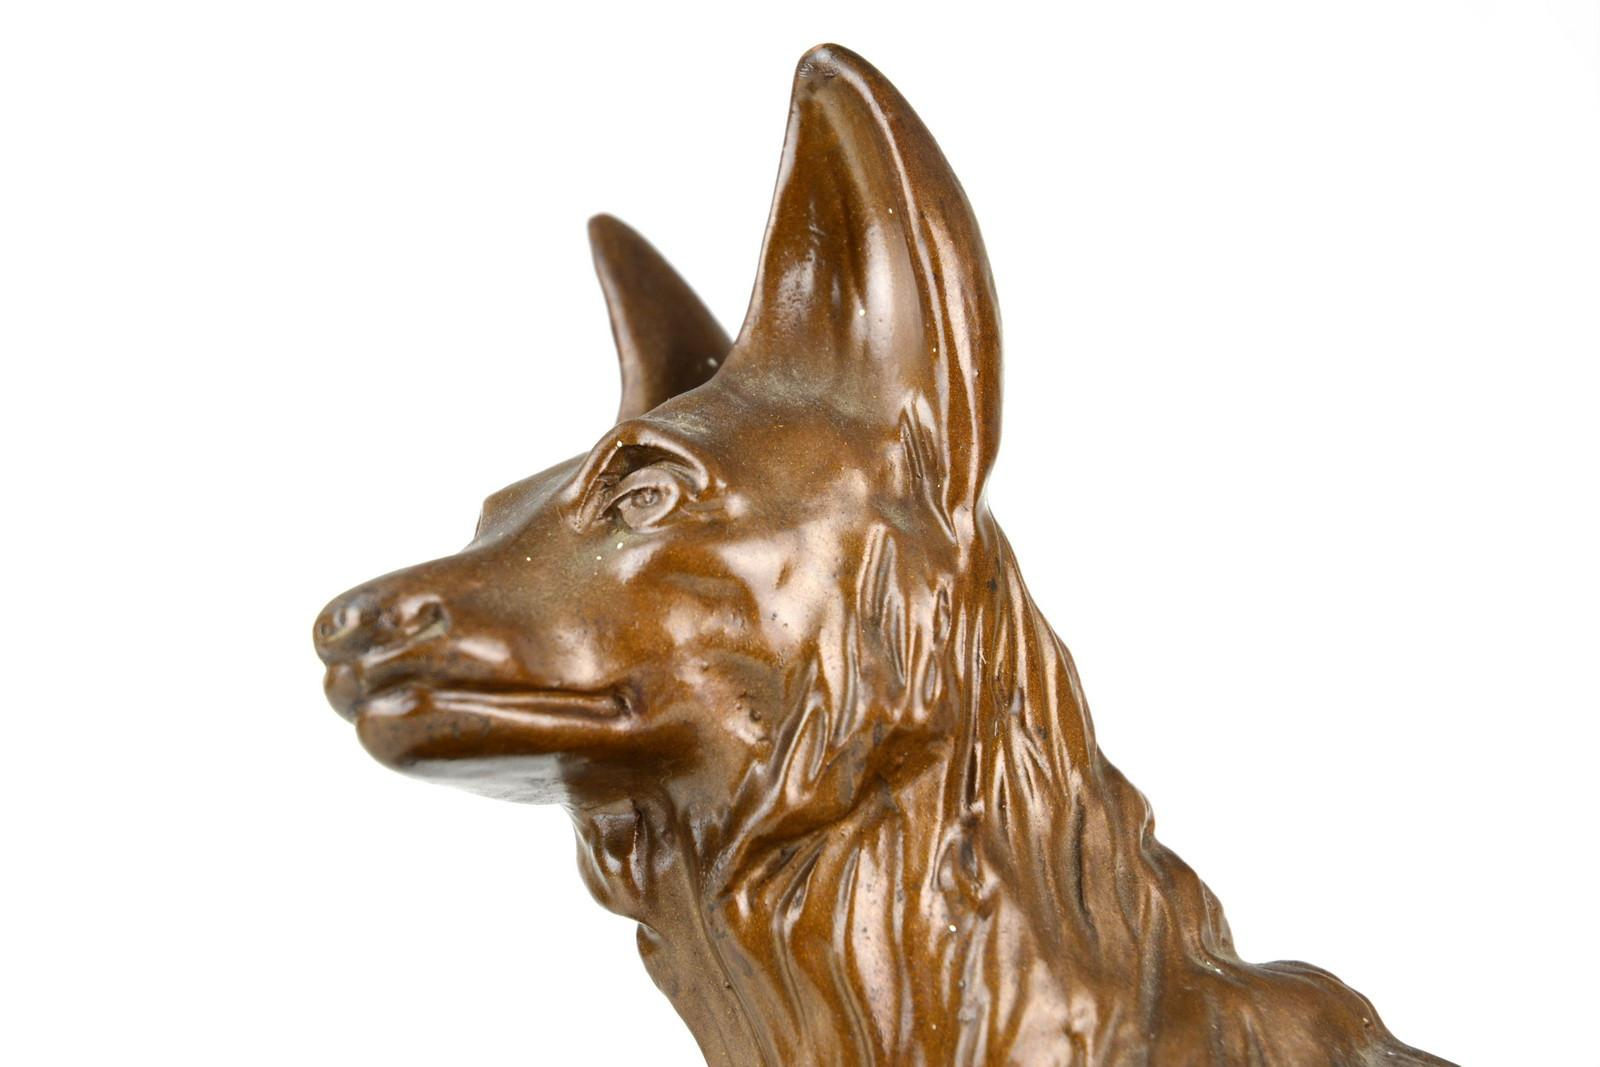 statua-con-cane-lupo-in-gesso-dipinto-3,2393.jpg?WebbinsCacheCounter=1